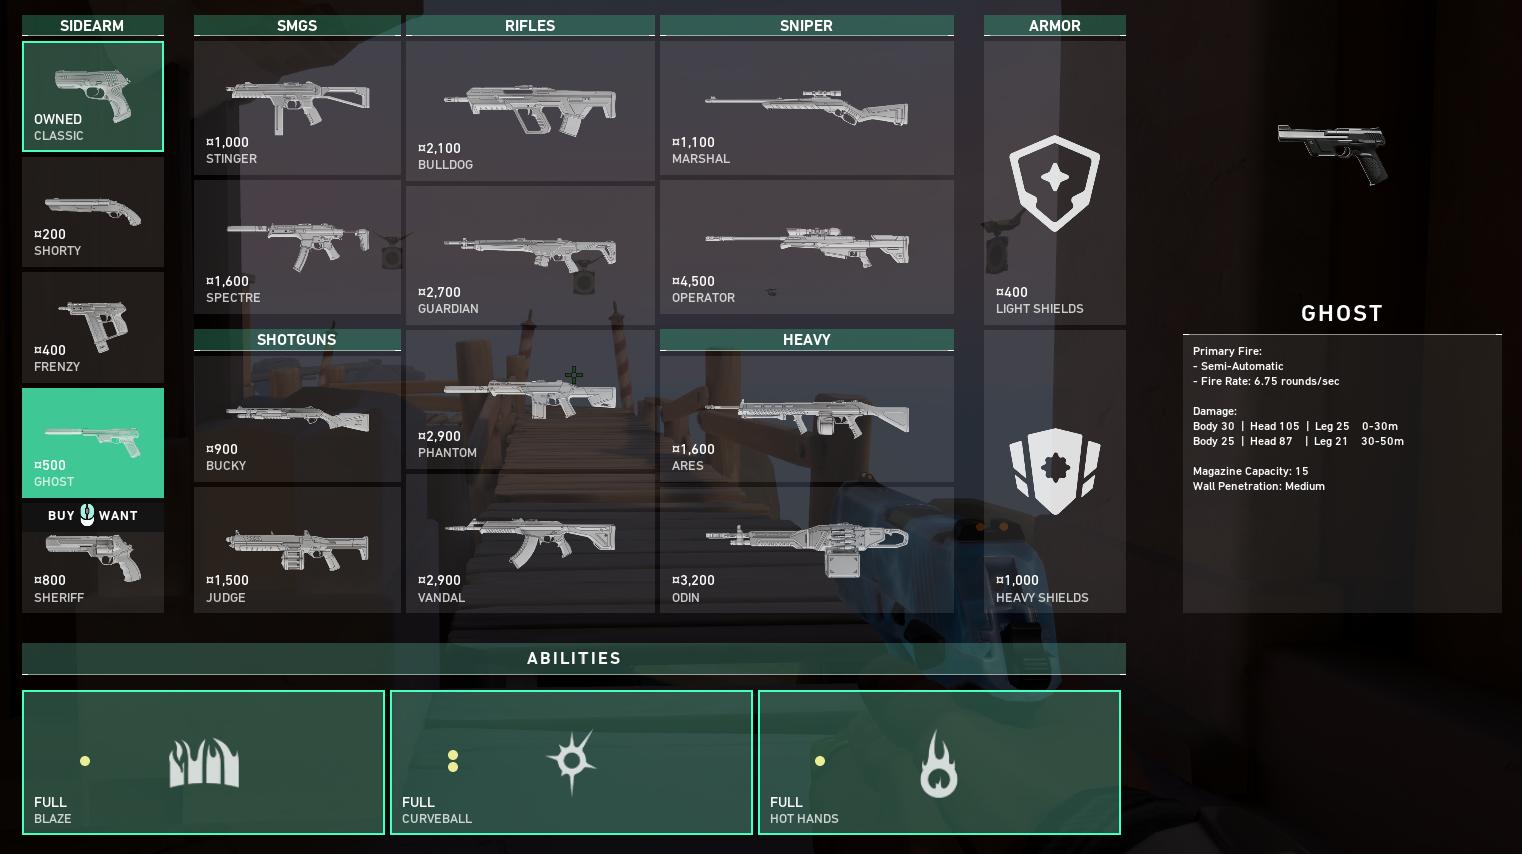 Meilleures armes vaillantes - Fantôme